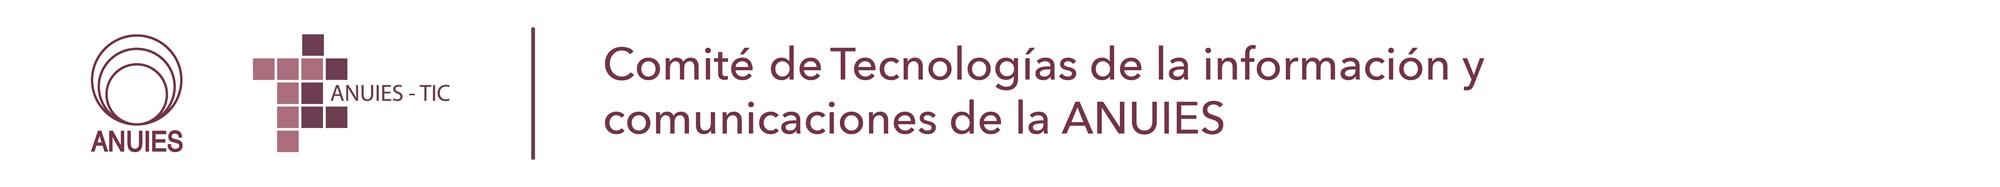 Comité ANUIES-TIC